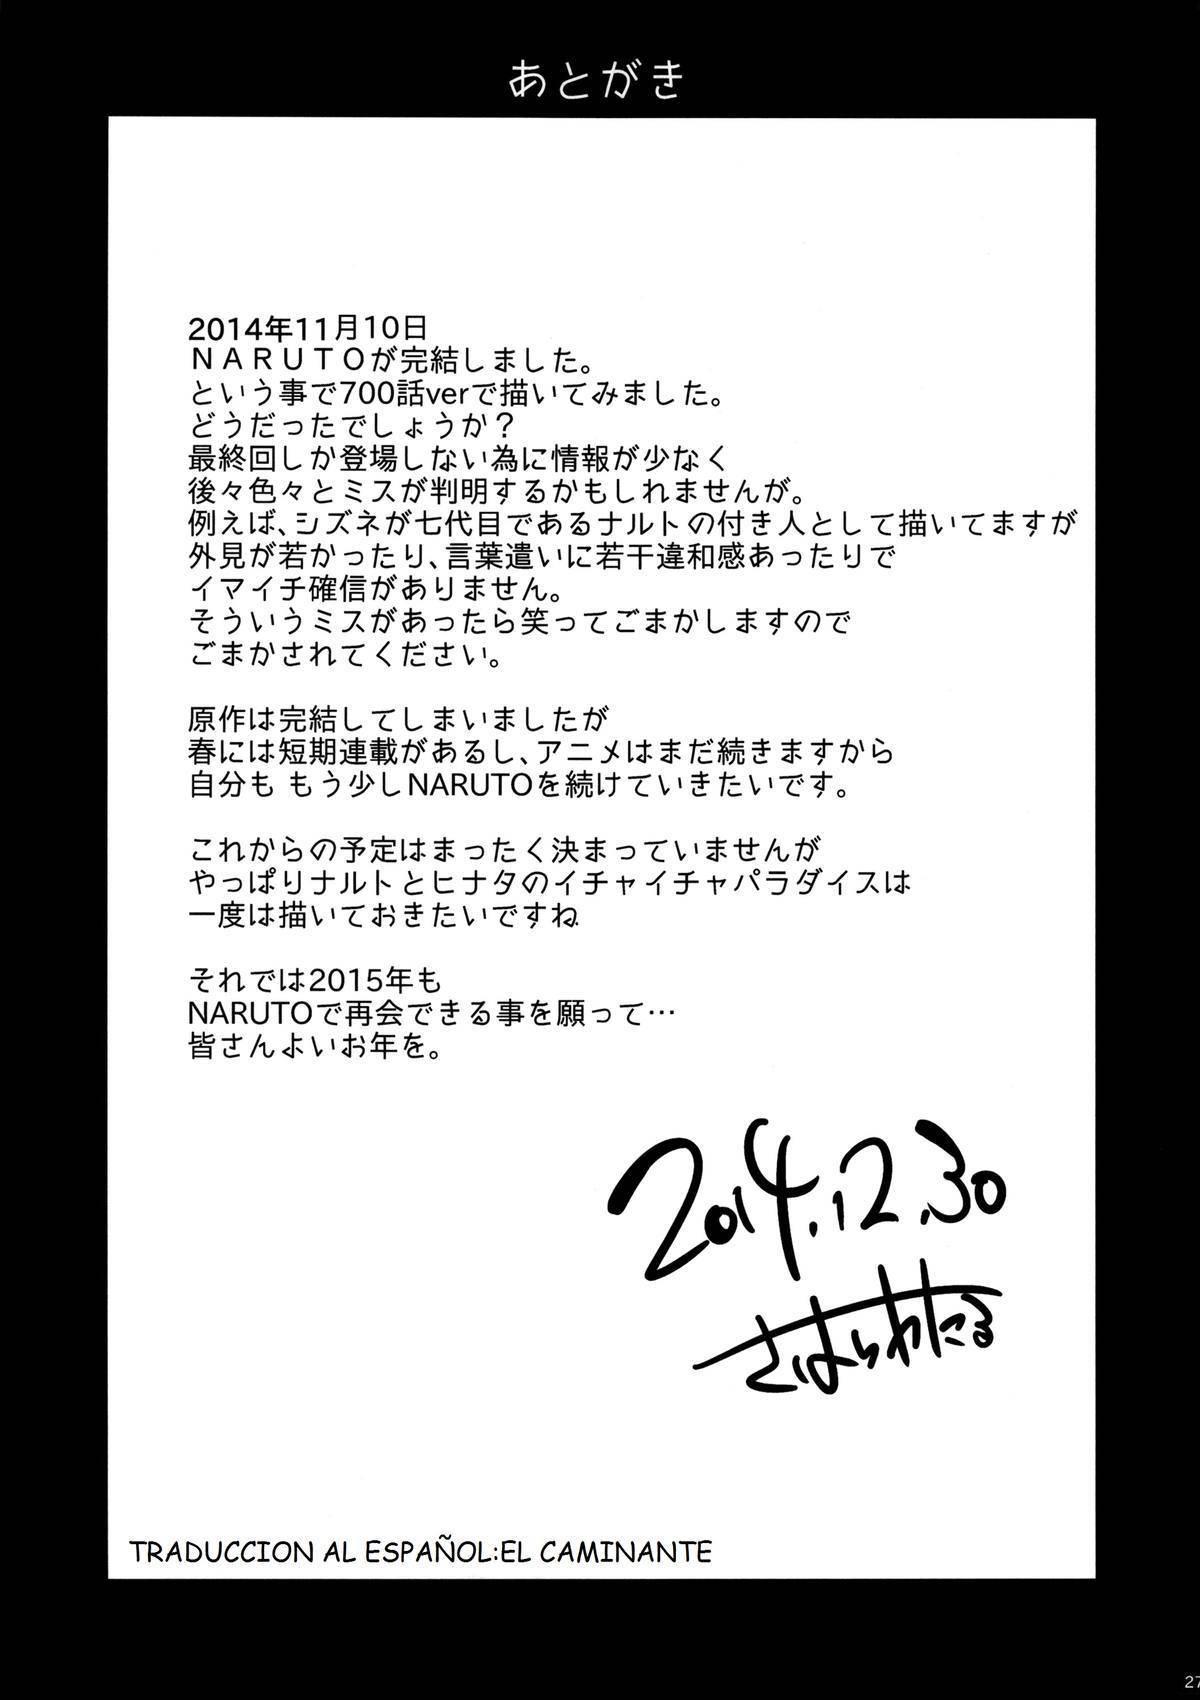 konoha-donburi 25